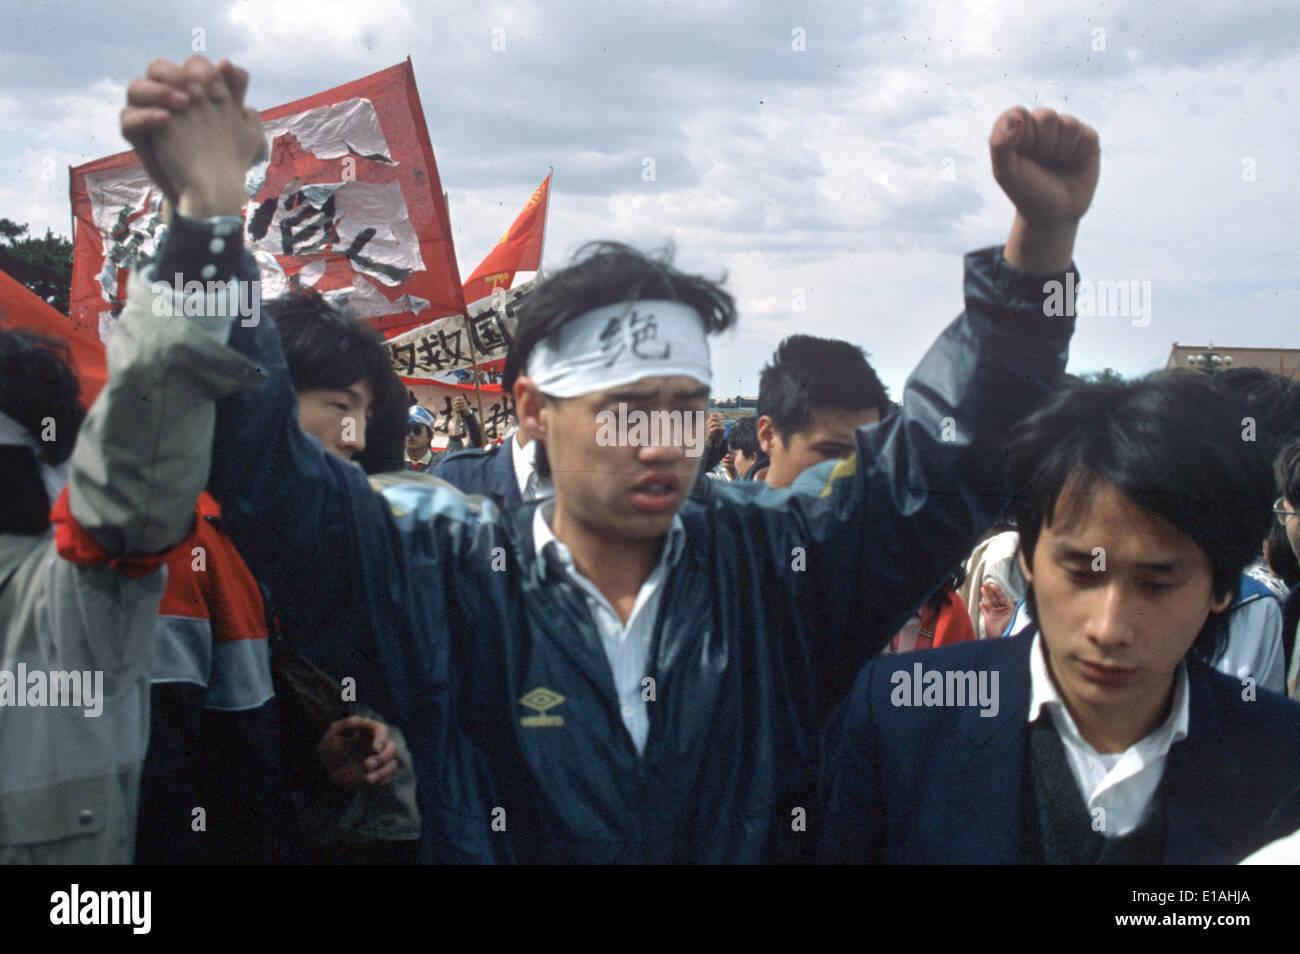 (Archivo) - Un archivo de imagen, de fecha 13 de mayo de 1989, muestra el líder de las protestas estudiantiles Wuer Foto de stock